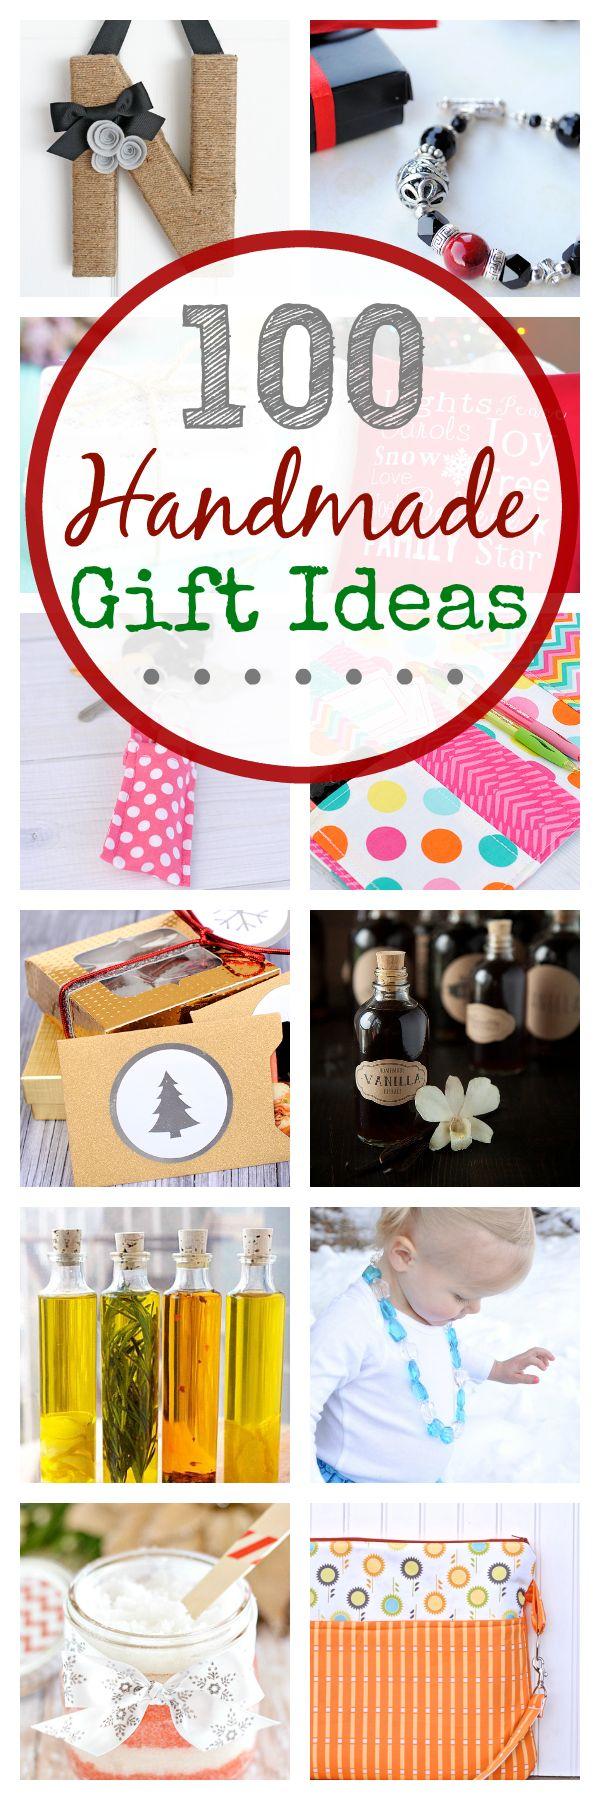 Birthday Gifts 100 Handmade Gift Ideas For Kids Women Men